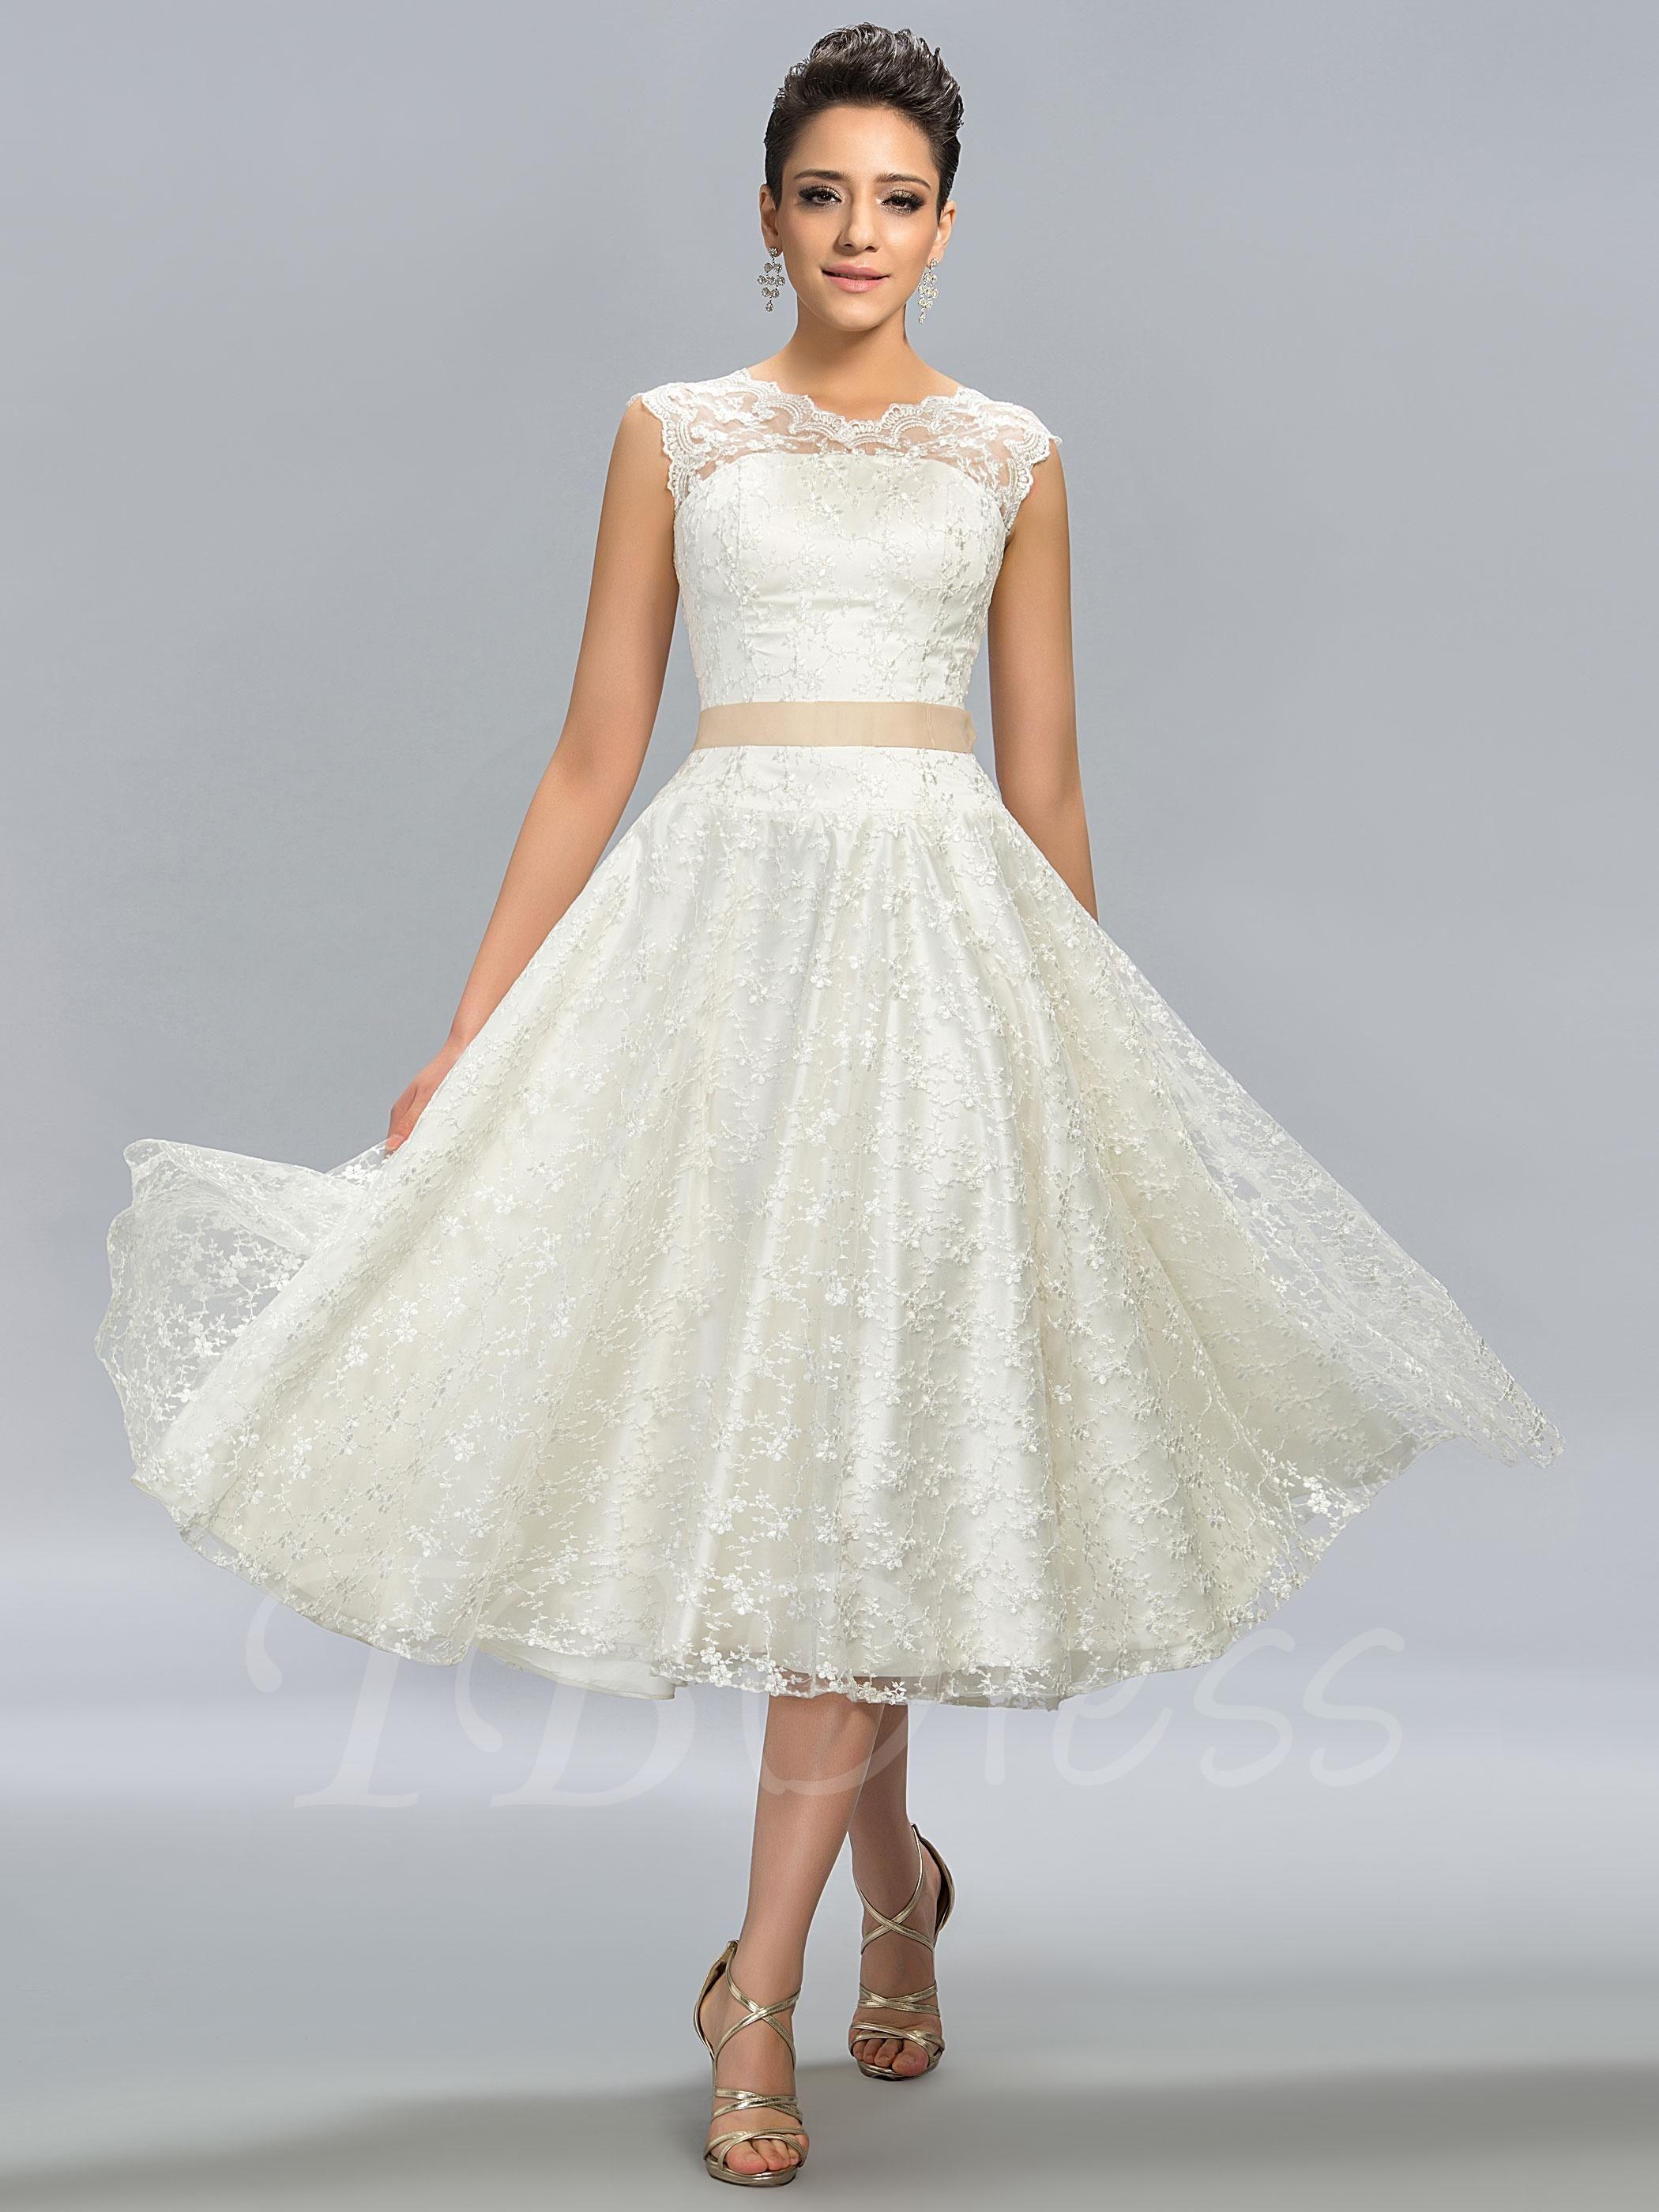 Aline jewel neck lace tealength junior prom dress tea length